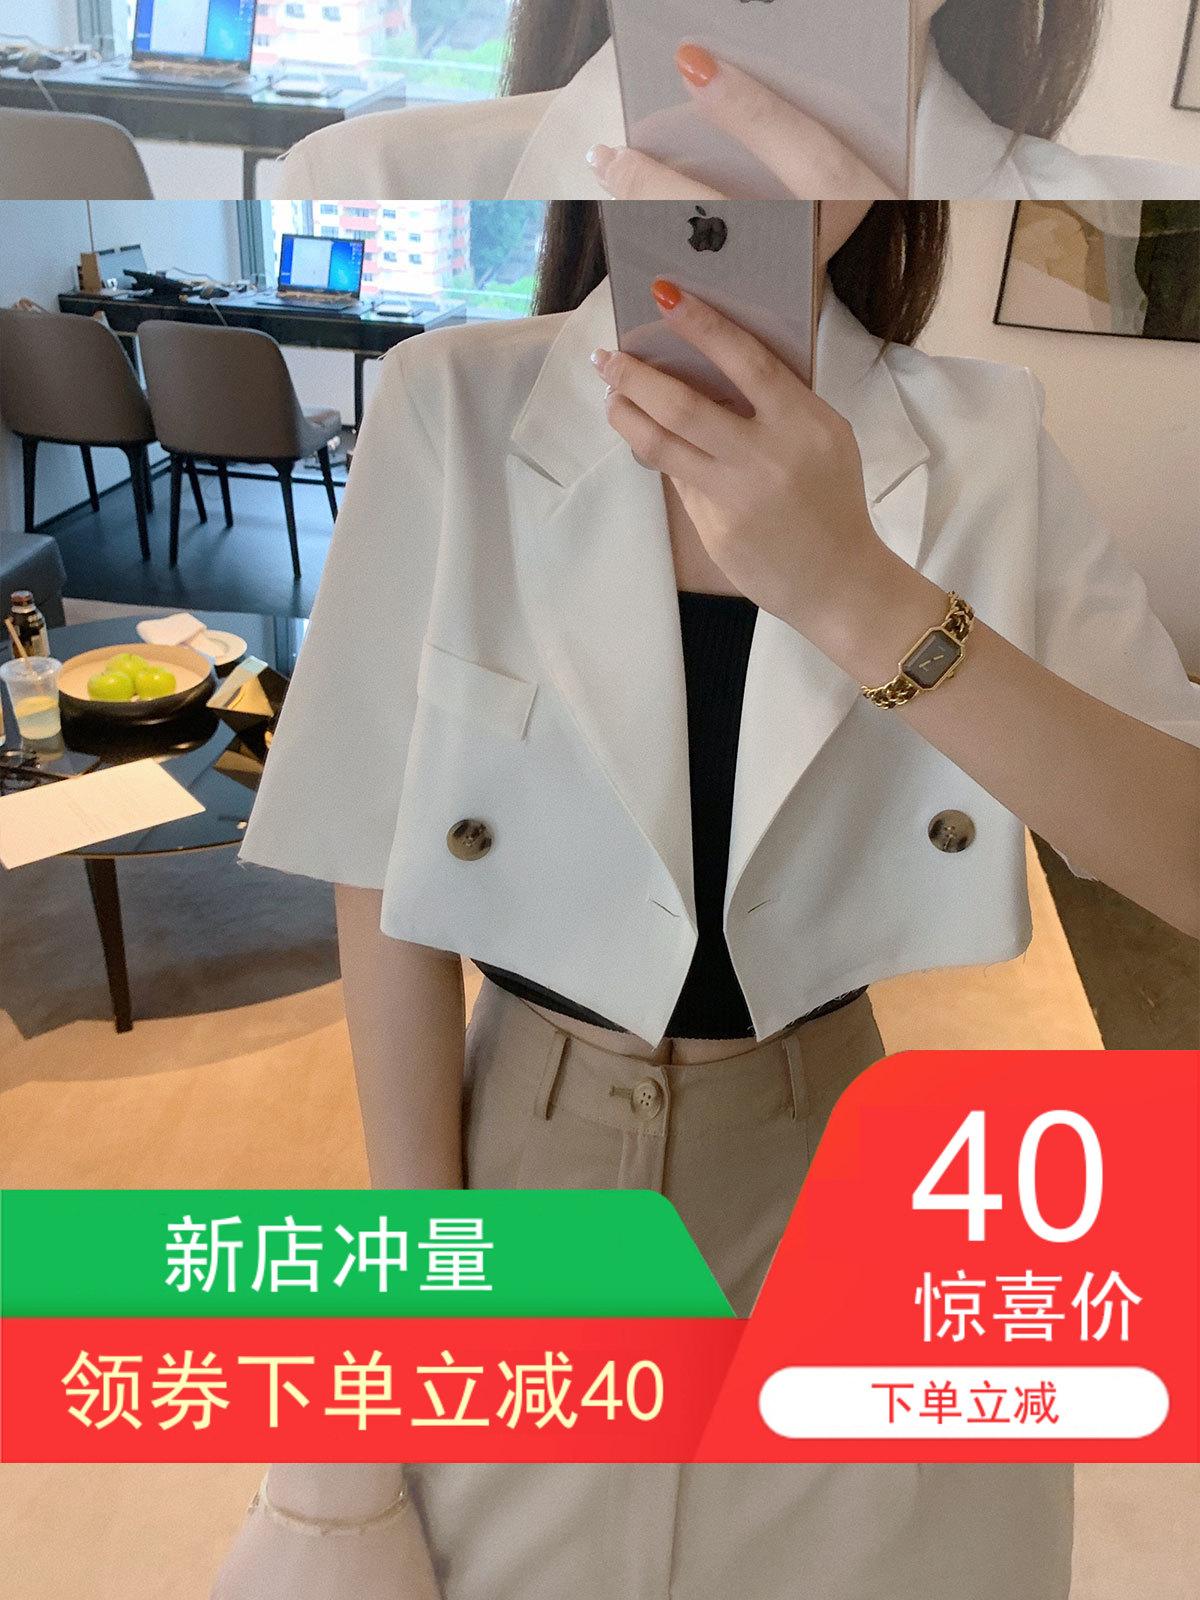 白色短袖西装外套女夏薄款2019网红韩版休闲气质短小西服上衣潮